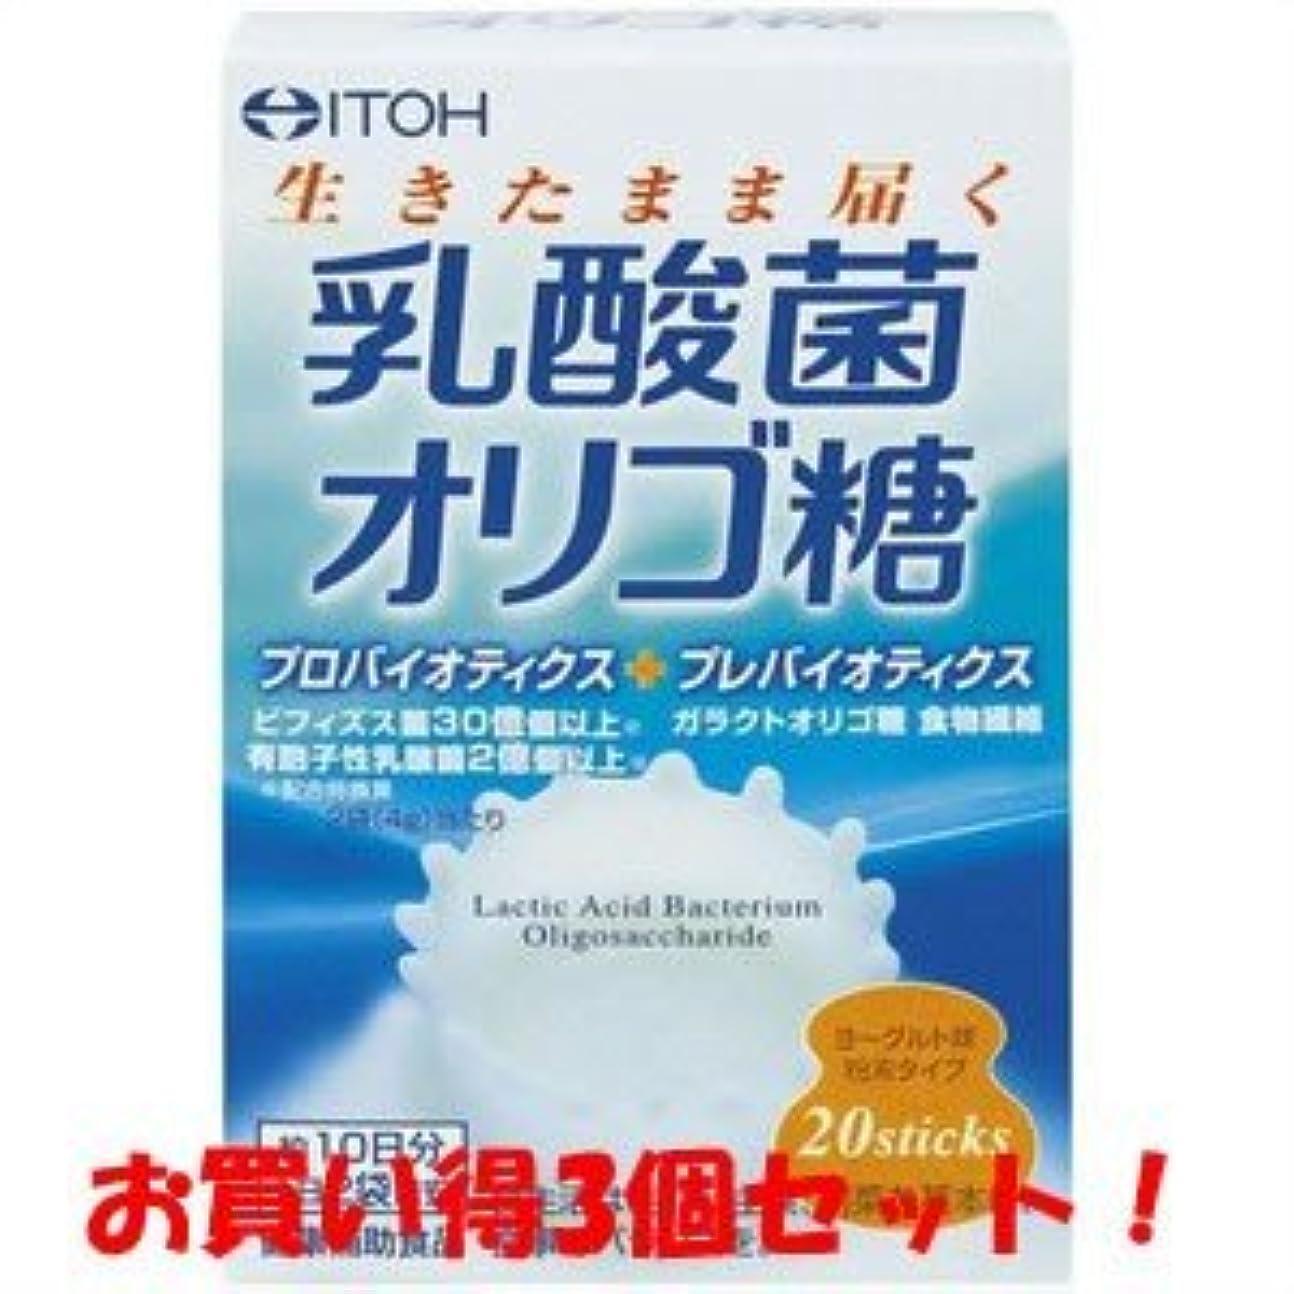 セブン触手湿地【井藤漢方製薬】乳酸菌オリゴ糖 40g(2g×20スティック)(お買い得3個セット)